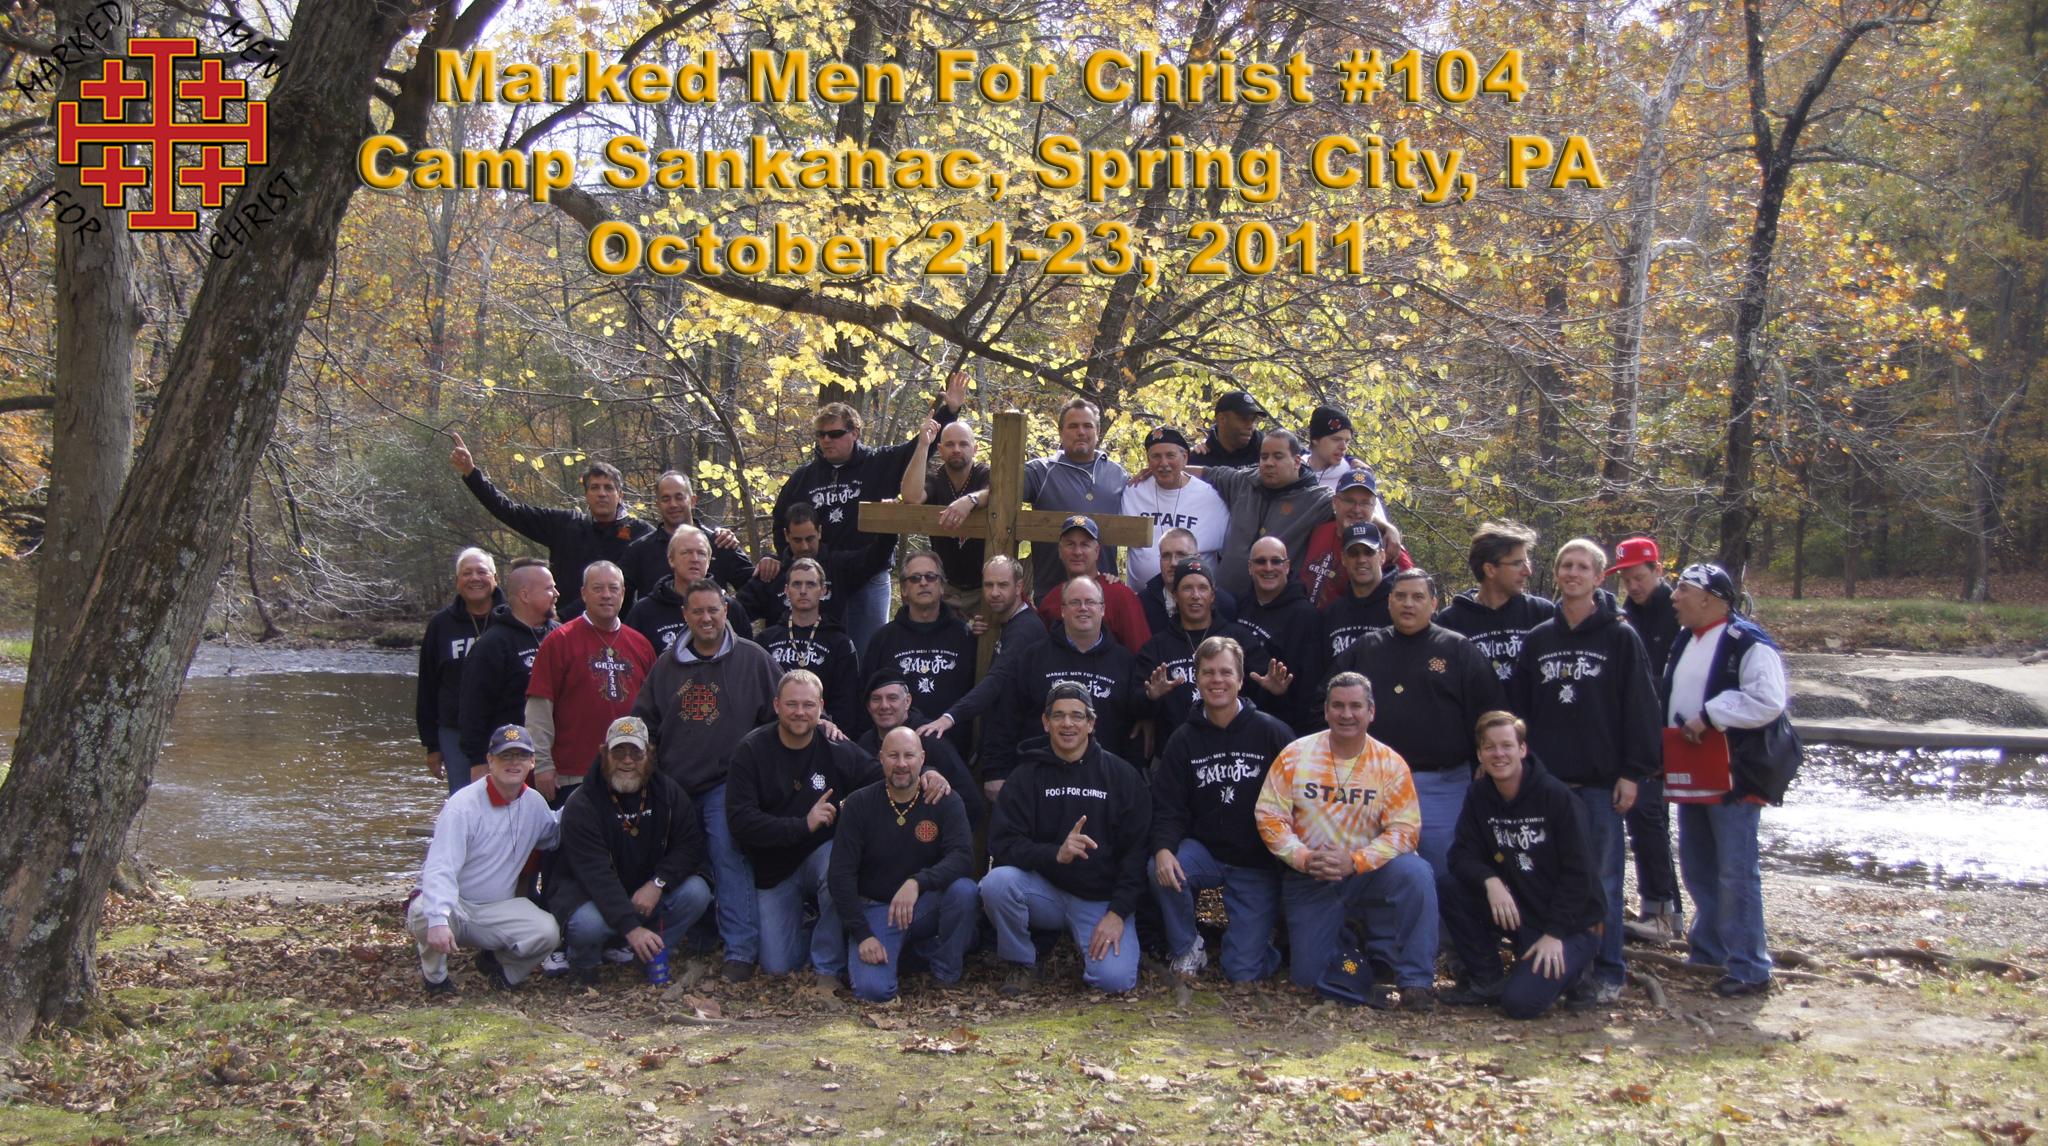 2011-10-OCT-PA-Staff.8ac80ebe-99d2-4e4e-a560-f277775e4cfb